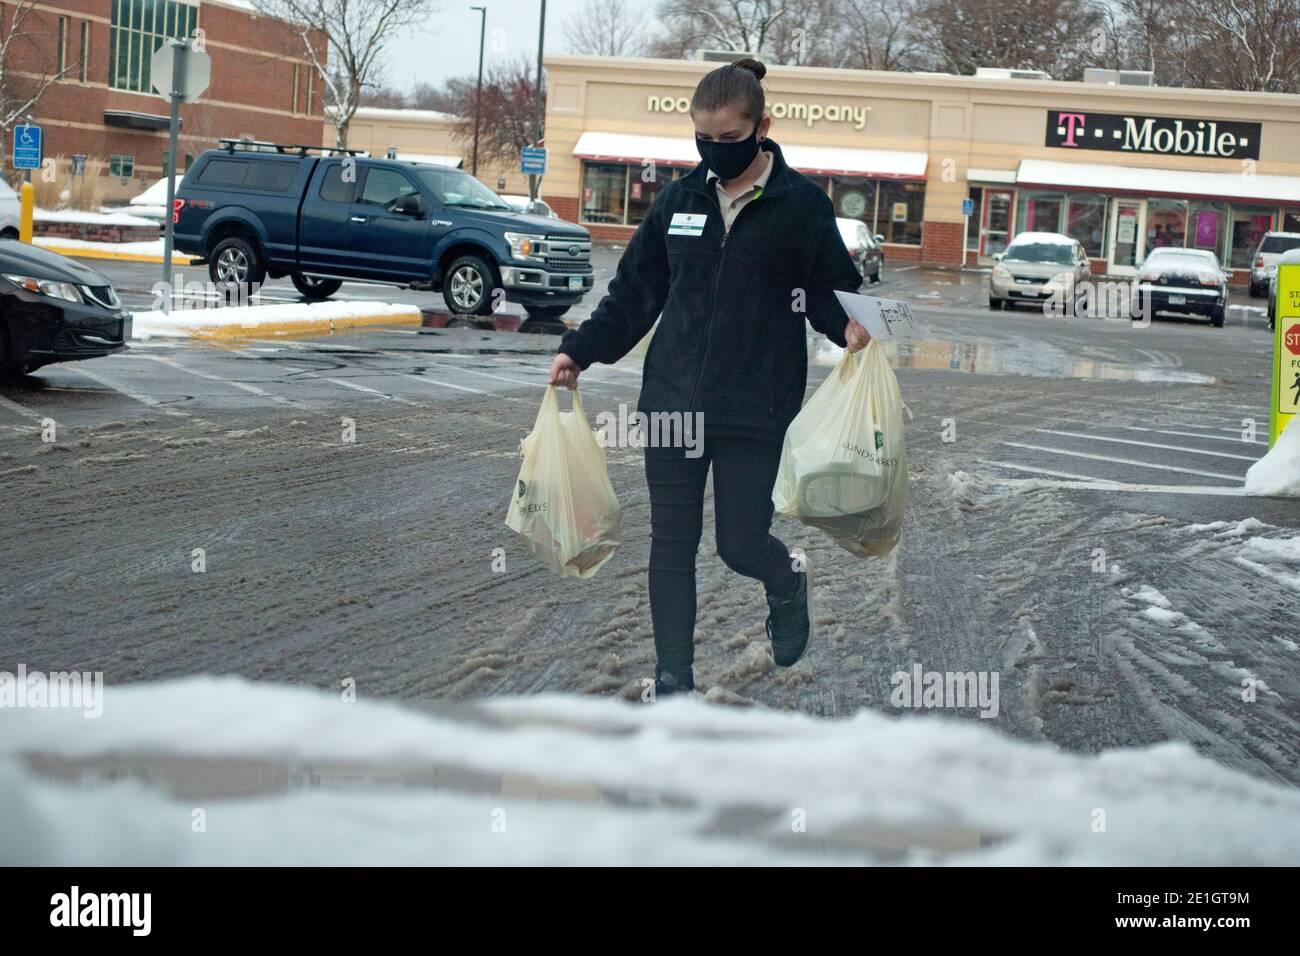 Un travailleur masqué apporte des produits d'épicerie au bord du trottoir à une voiture du Lunds Byerlys Grocery Store pendant la pandémie de Covid. St Paul Minnesota MN États-Unis Banque D'Images